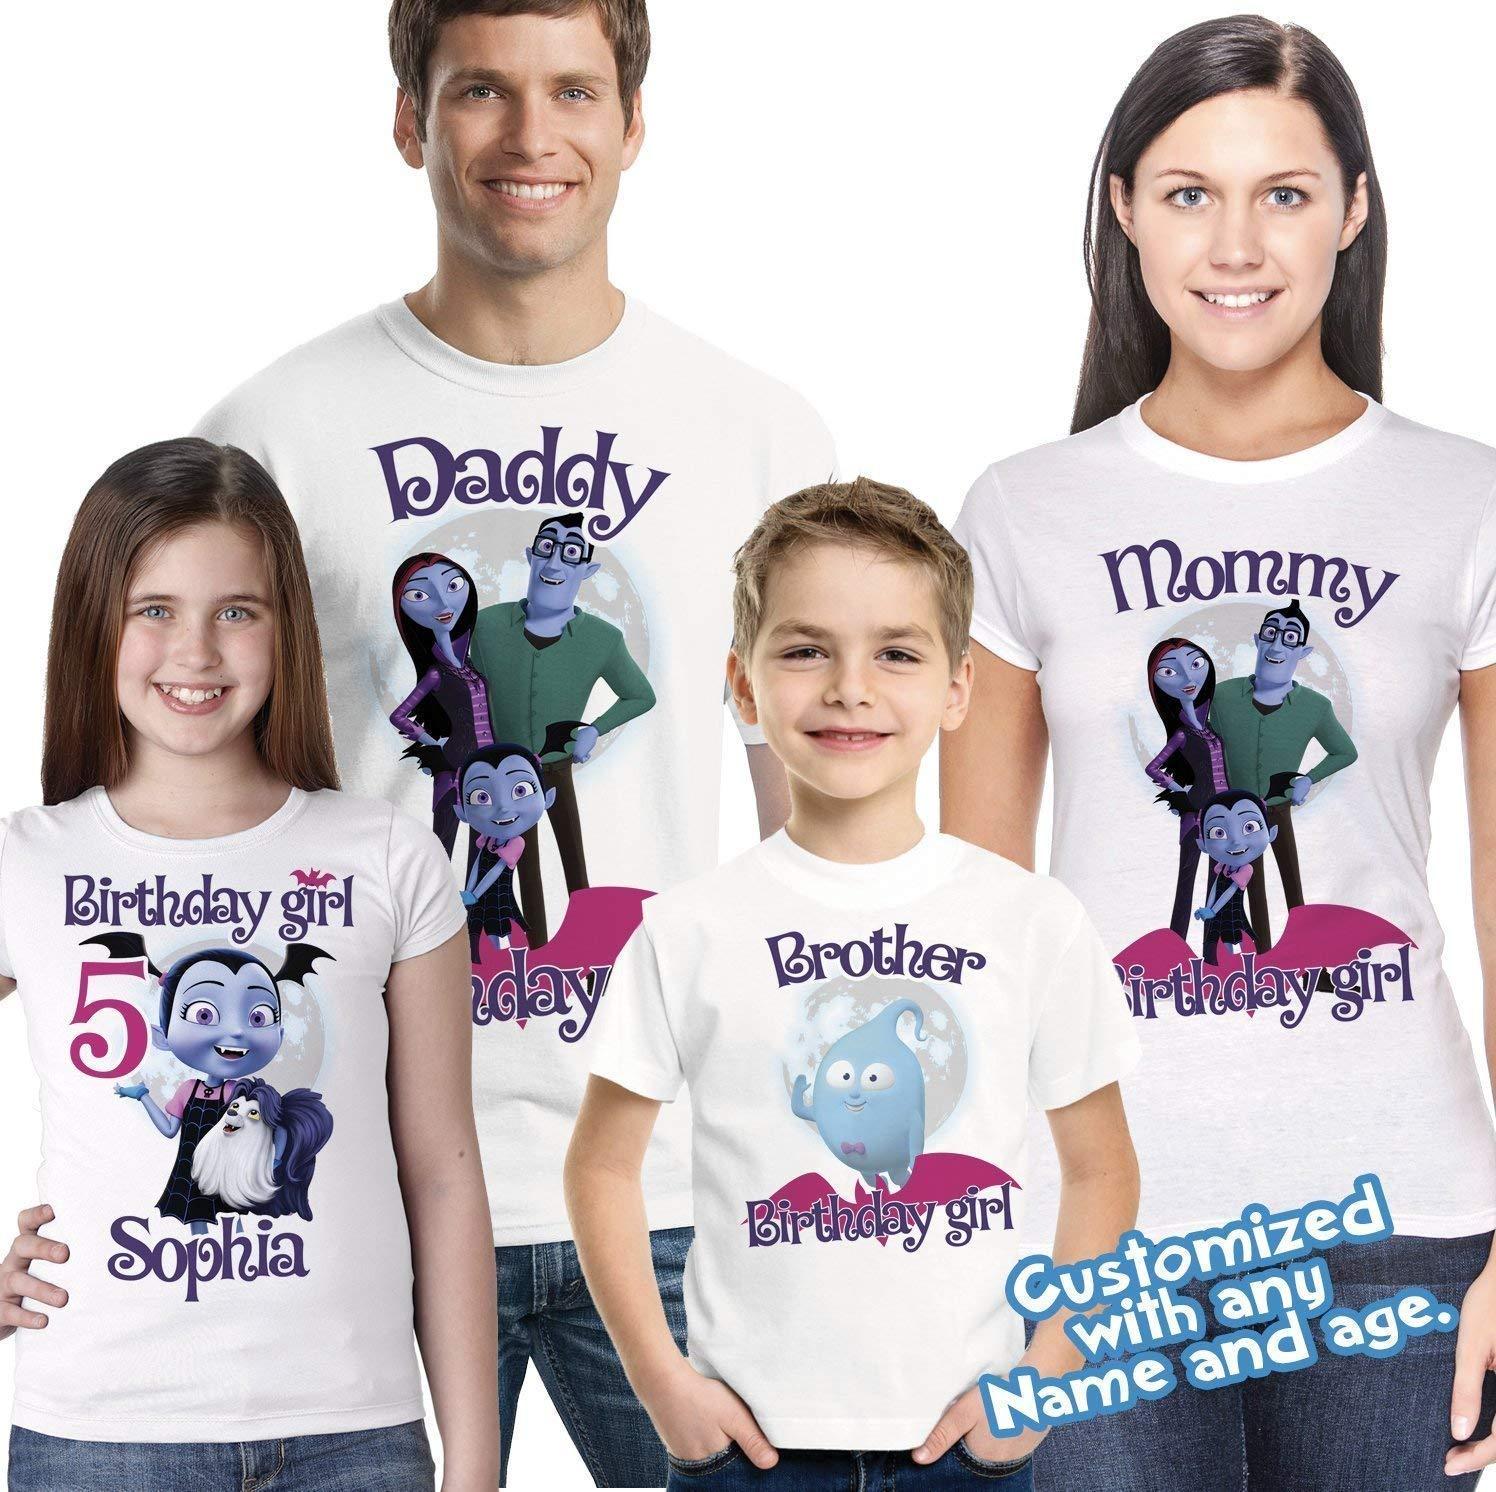 Vampirina Birthday Shirt add name and age, Vampirina Shirt, Vampirina Party shirt